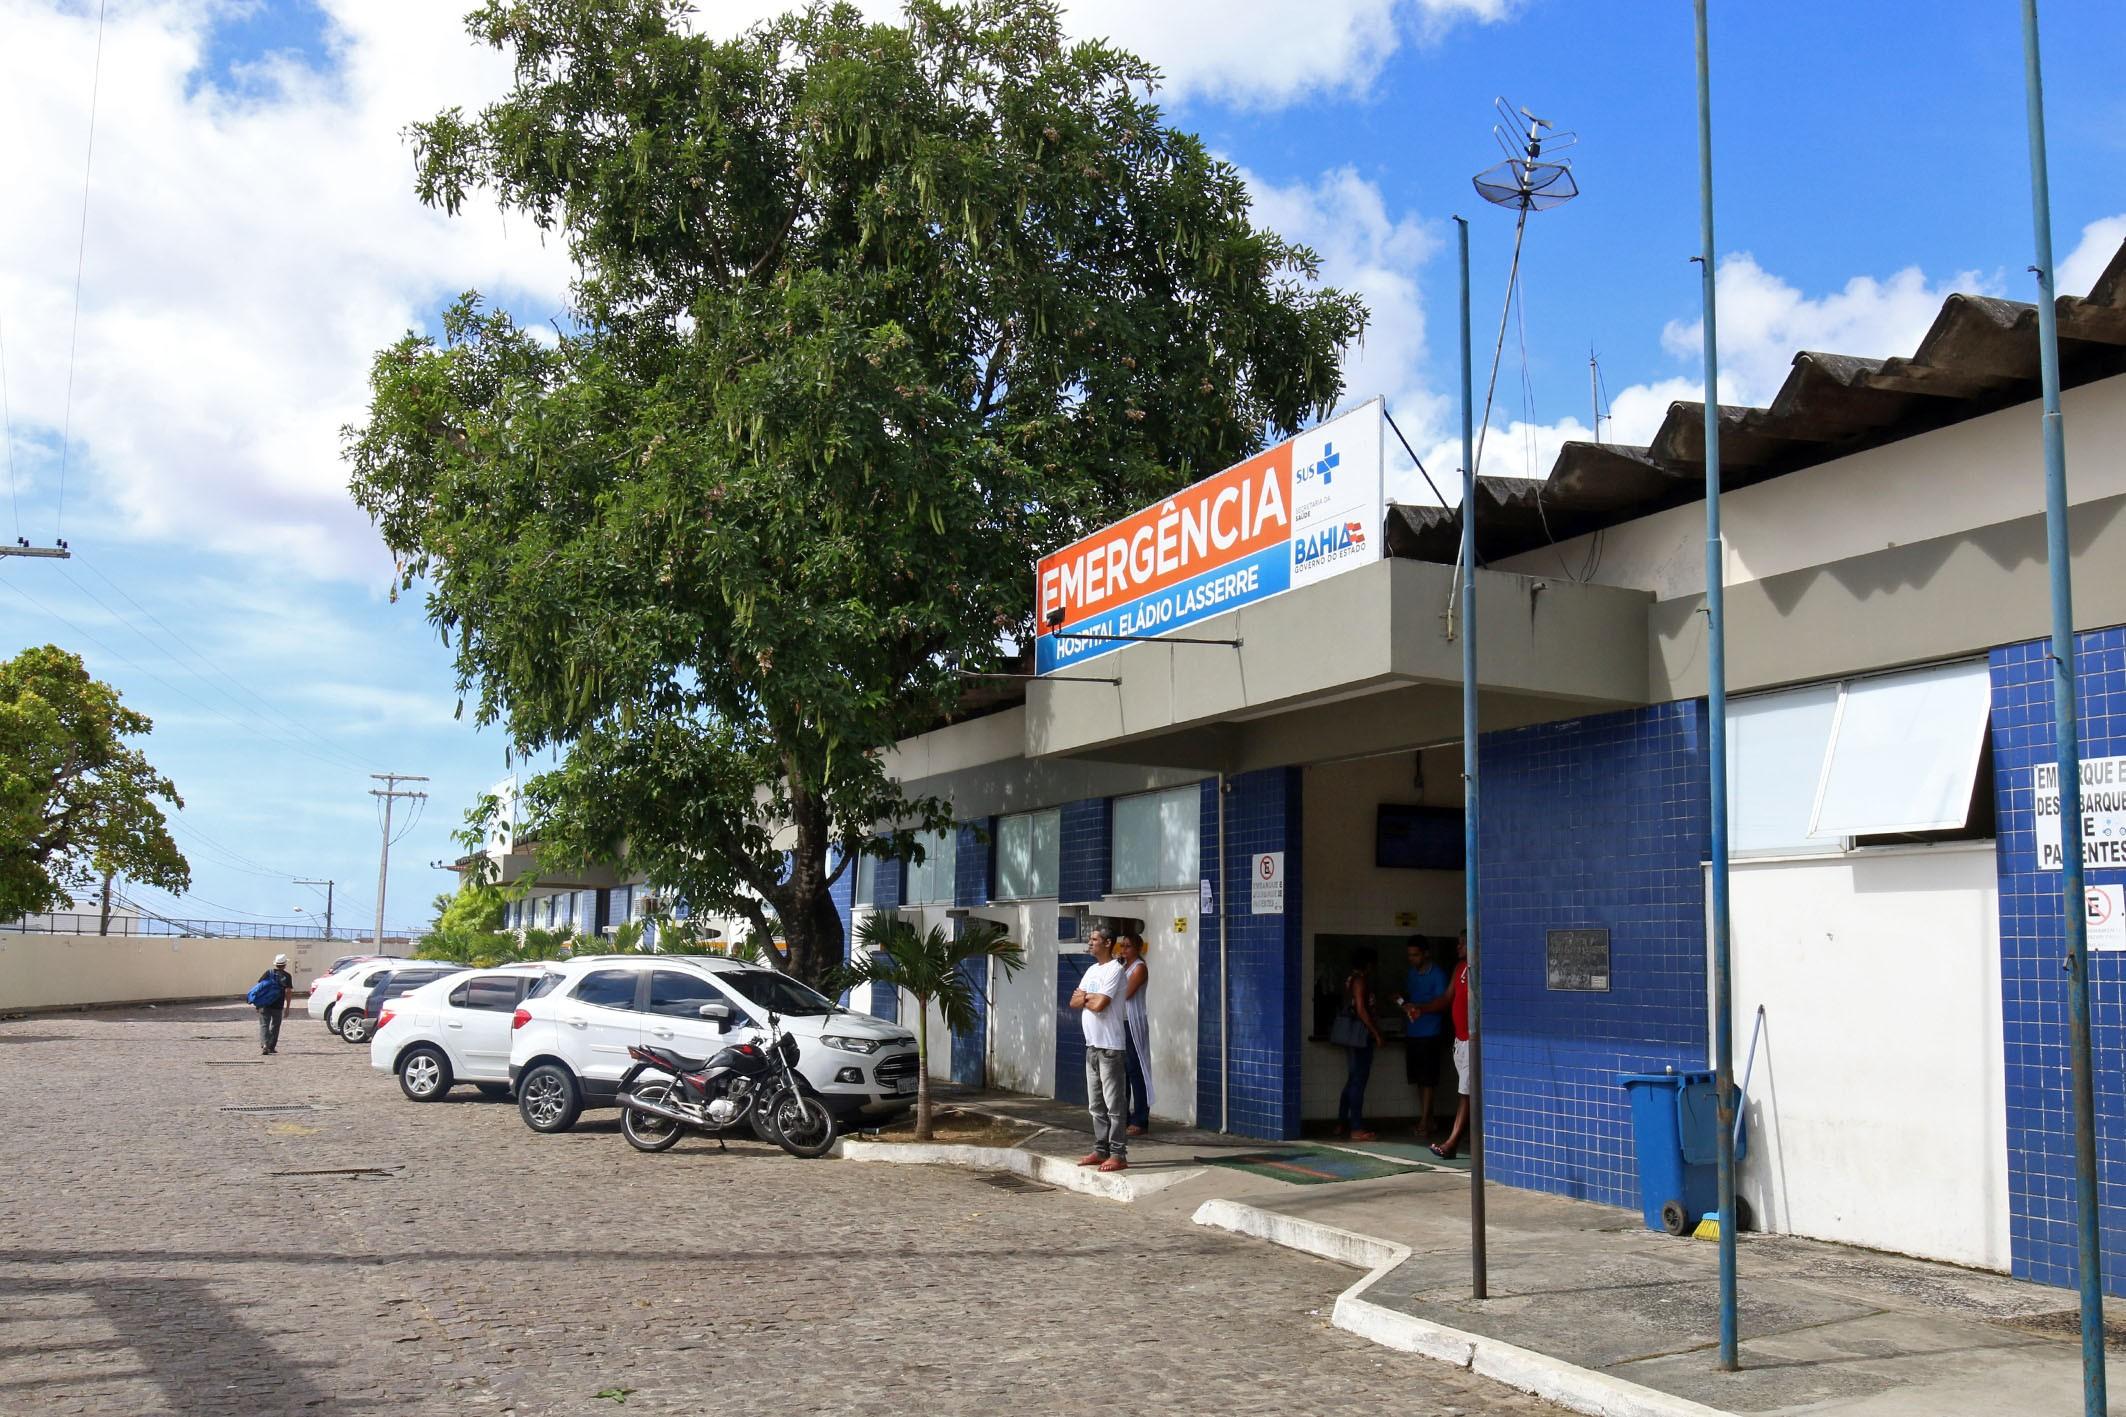 Jovem morre após ser baleado em tiroteio em Salvador; ele foi socorrido por PMs